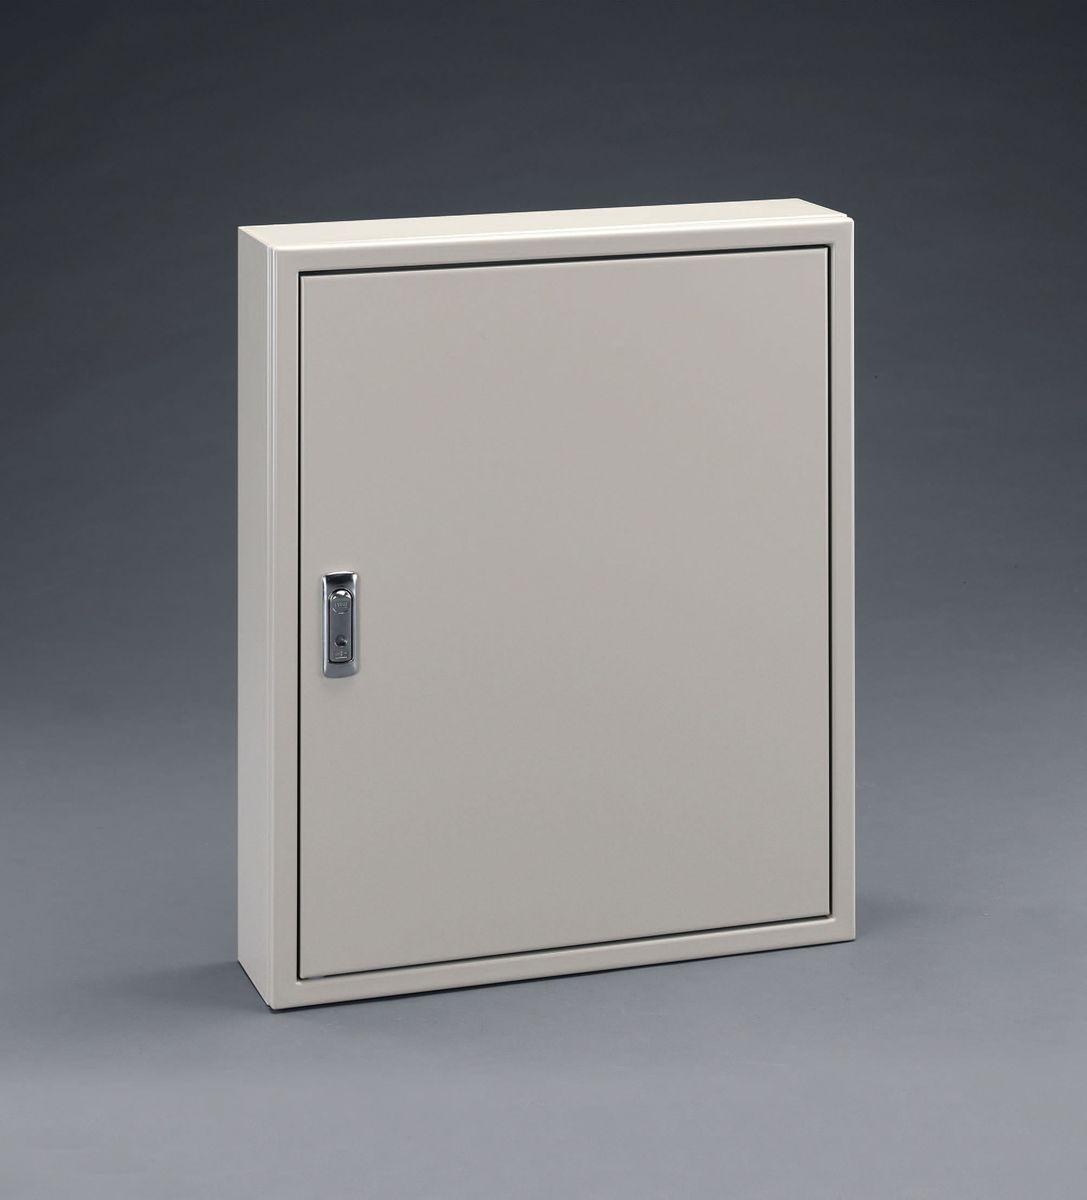 【メーカー在庫あり】 エスコ ESCO 300x120x400mm 盤用キャビネット 屋内用・片扉 000012242301 HD店